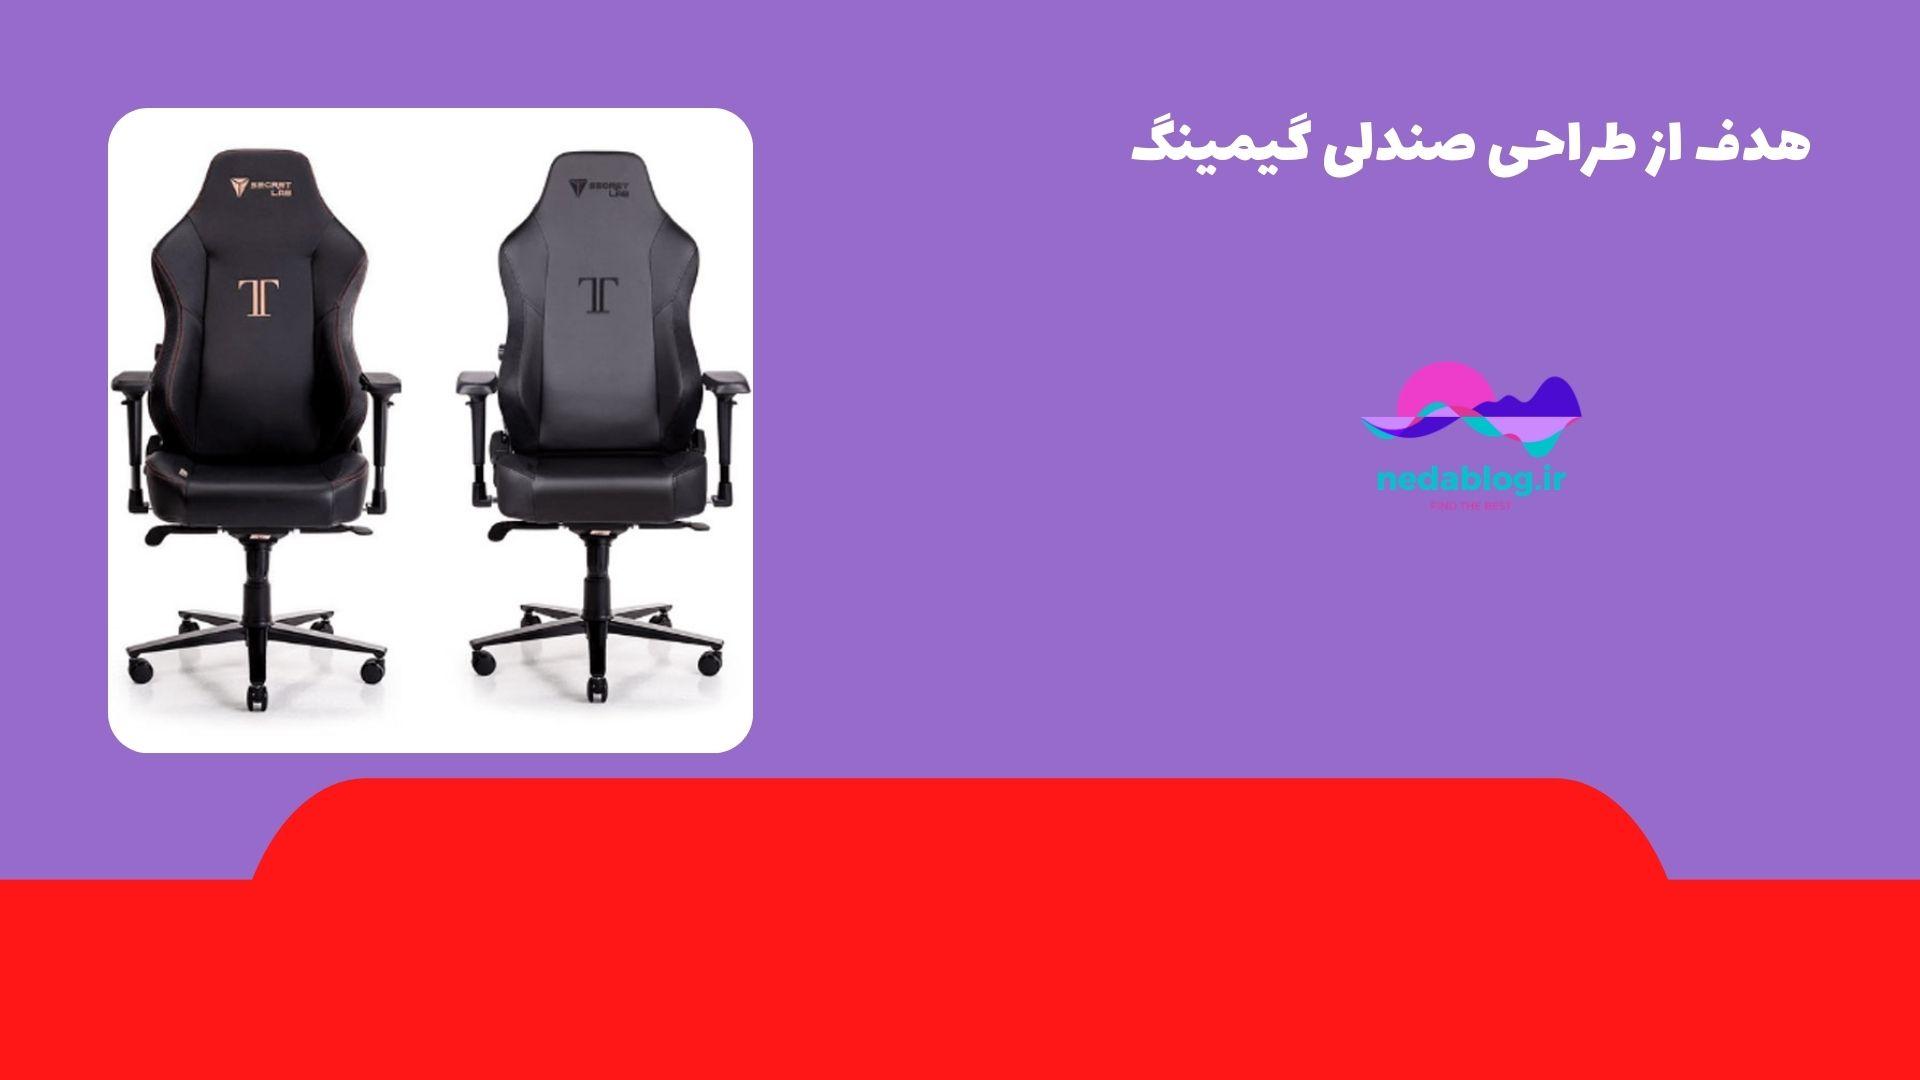 هدف از طراحی صندلی گیمینگ